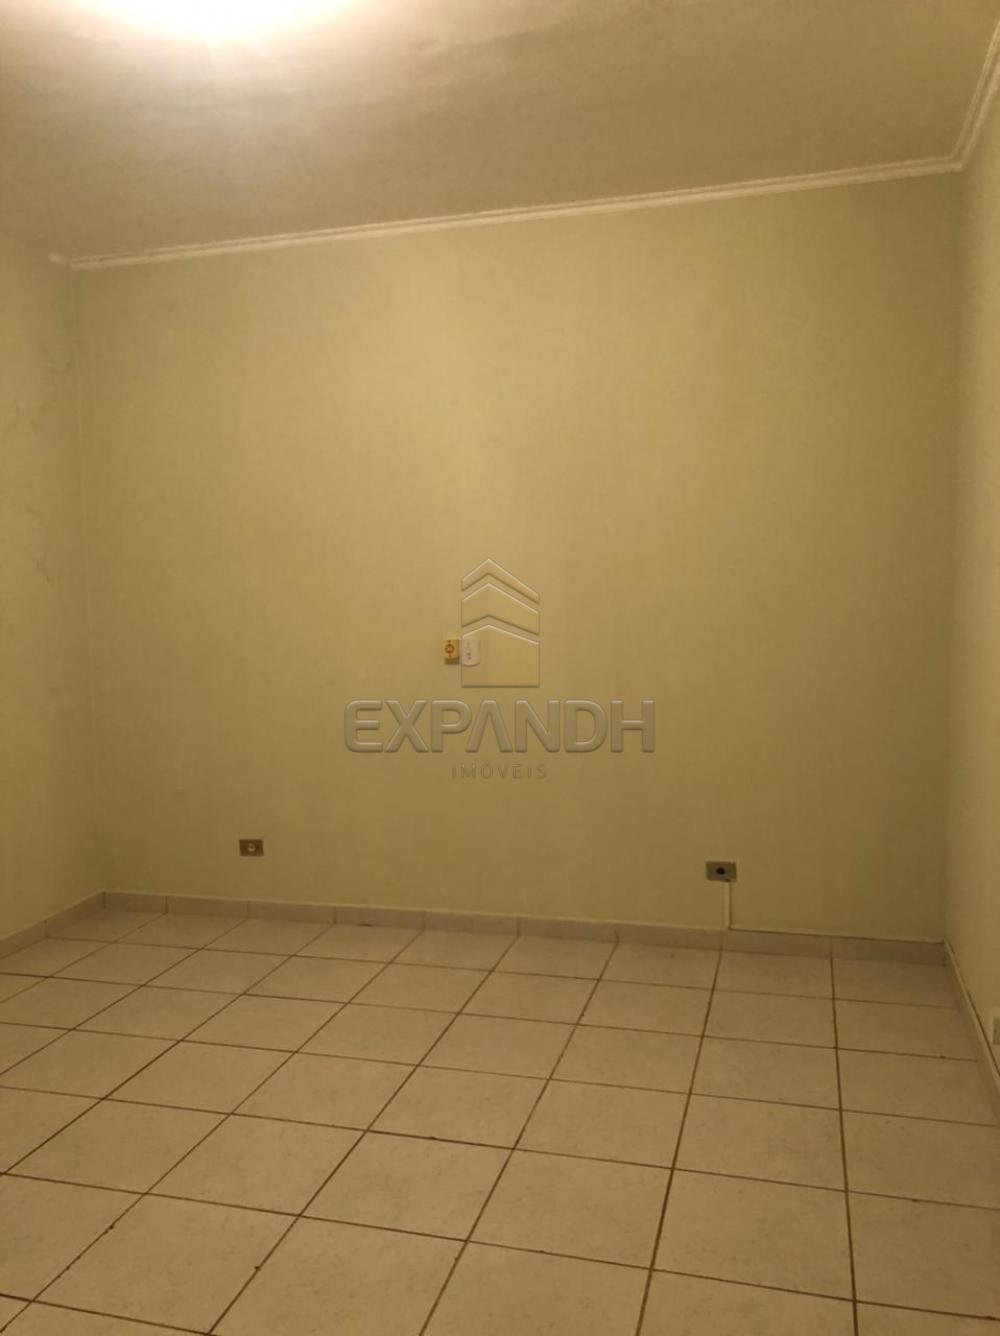 Alugar Casas / Padrão em Sertãozinho R$ 1.500,00 - Foto 21